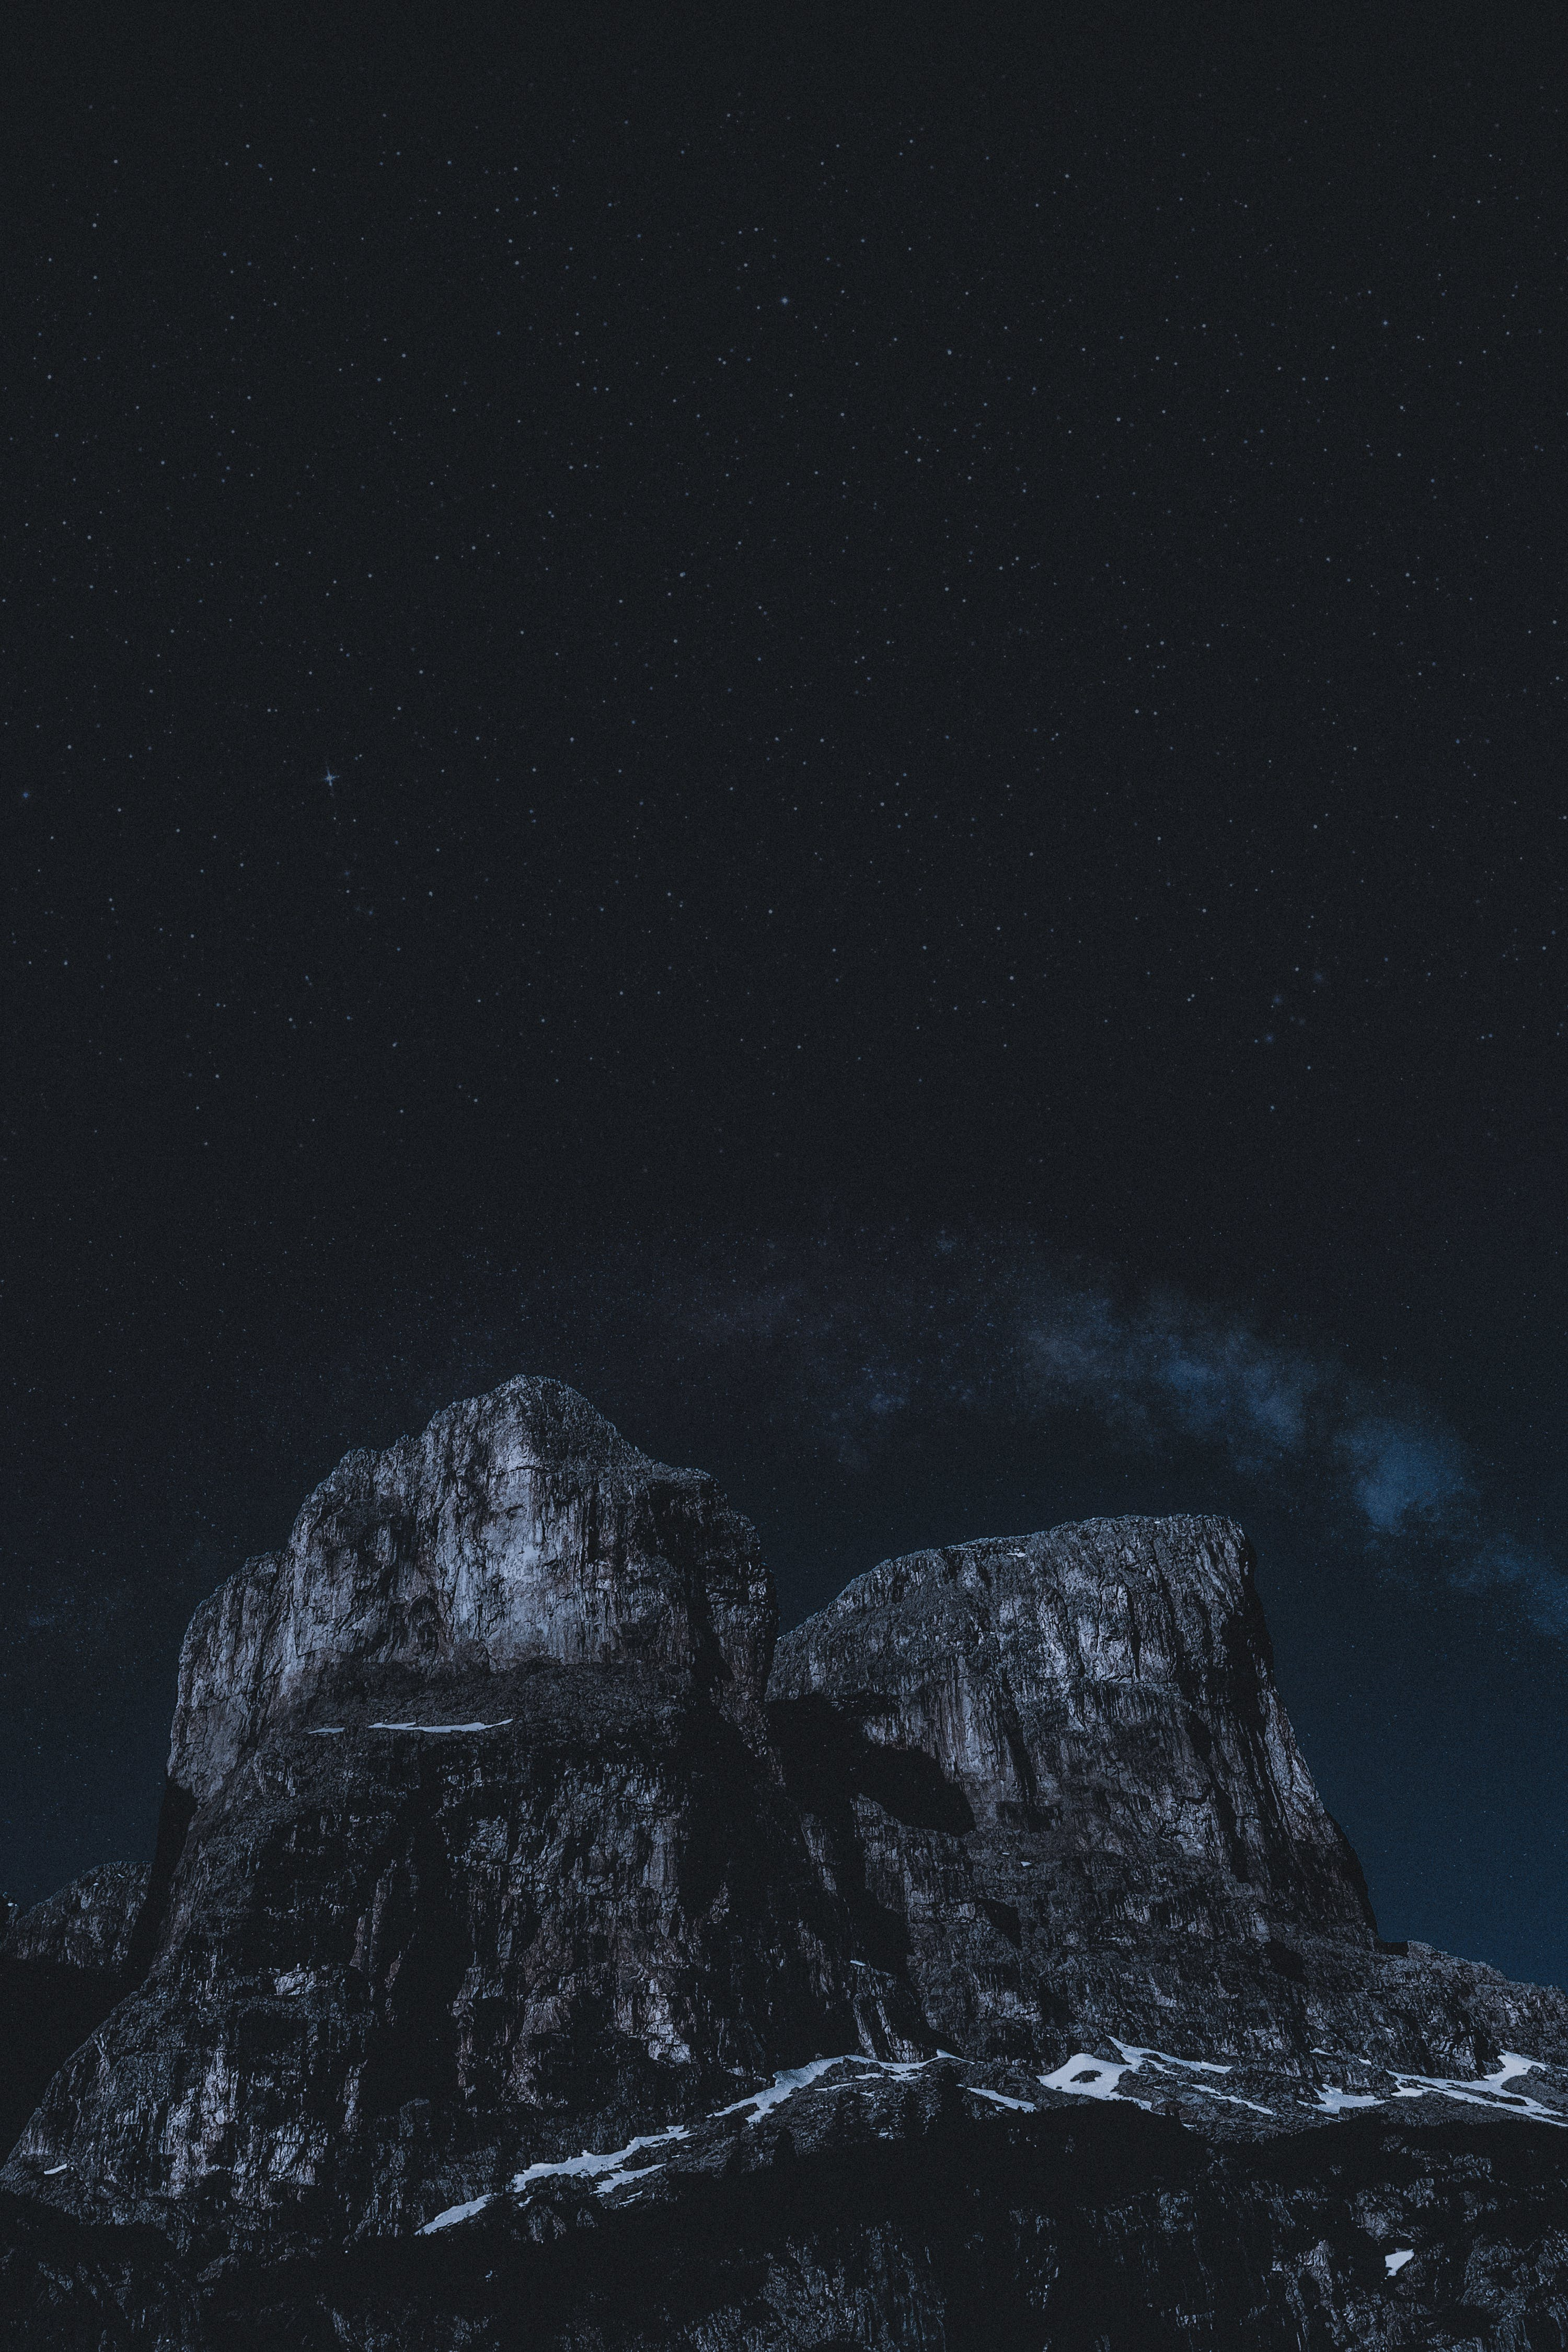 açık, açık hava, dağ, dar açılı çekim içeren Ücretsiz stok fotoğraf